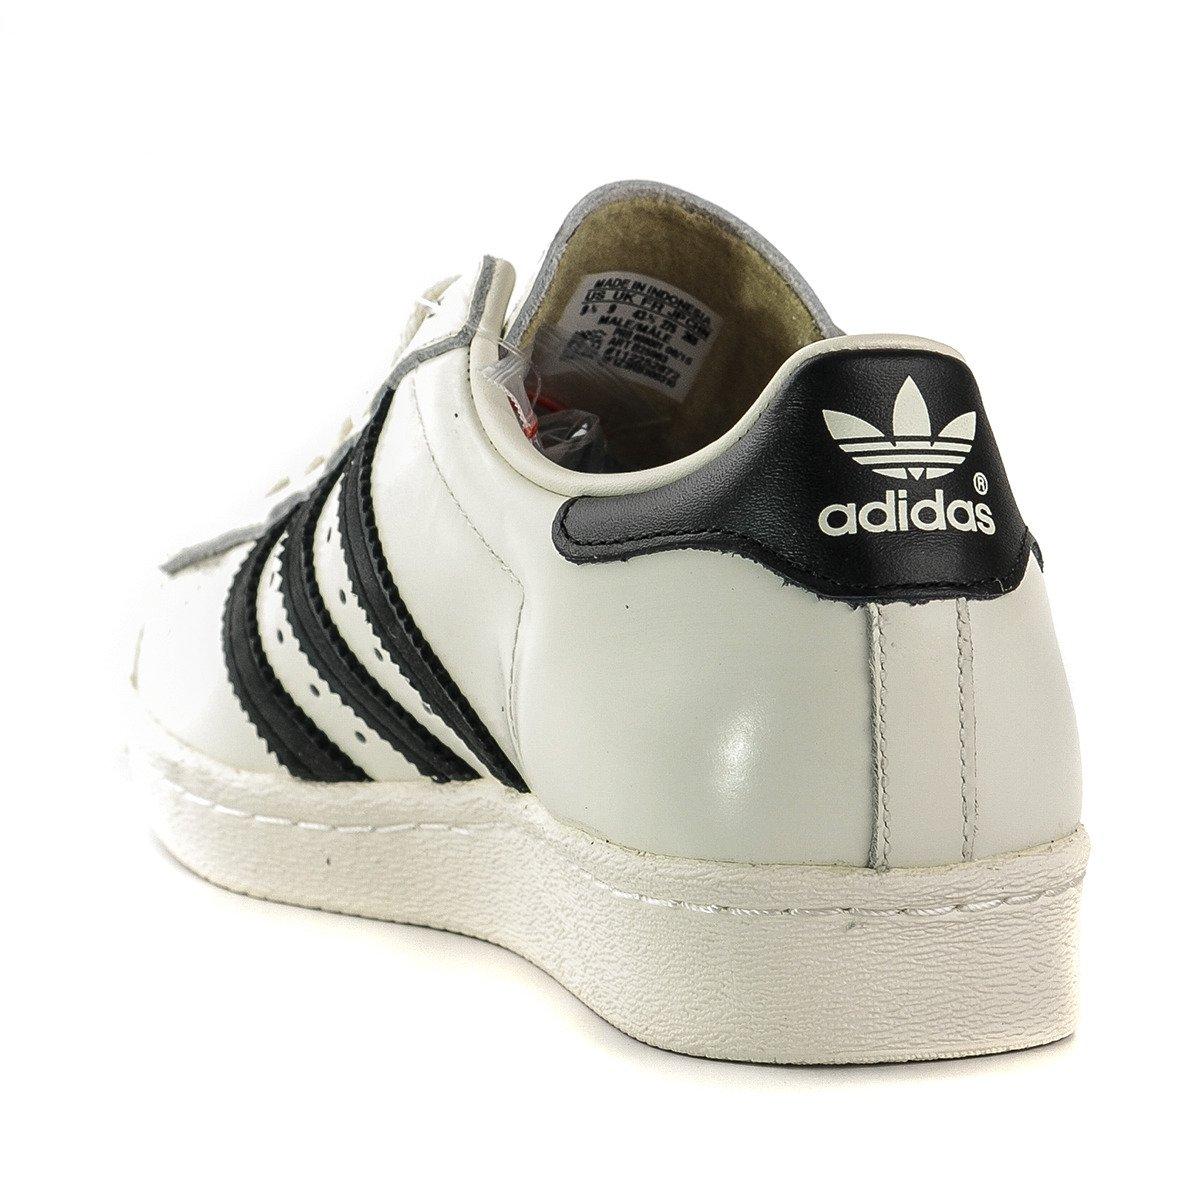 adidas superstar 80s dlx shoes b25963 basketball shoes sklep koszykarski. Black Bedroom Furniture Sets. Home Design Ideas